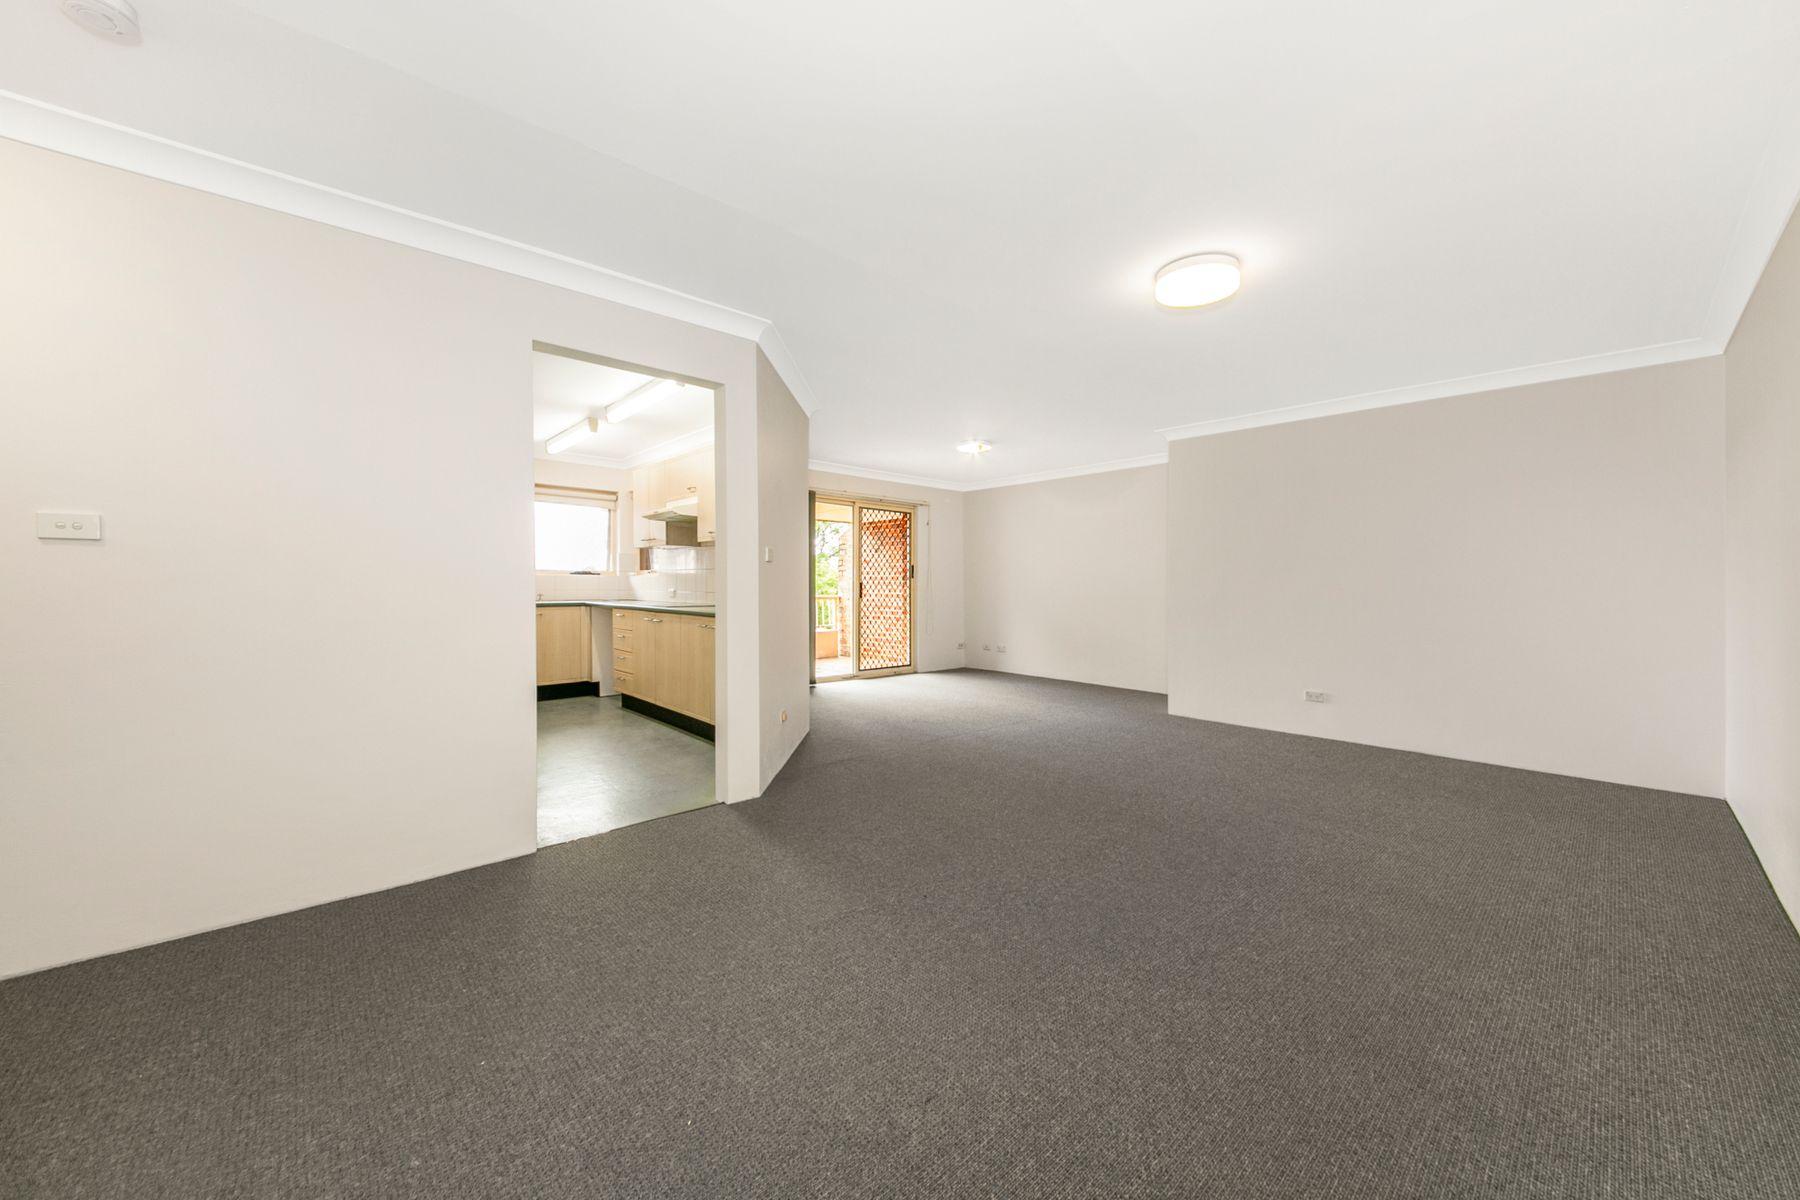 16/31-35 Ethel Street, Eastwood, NSW 2122